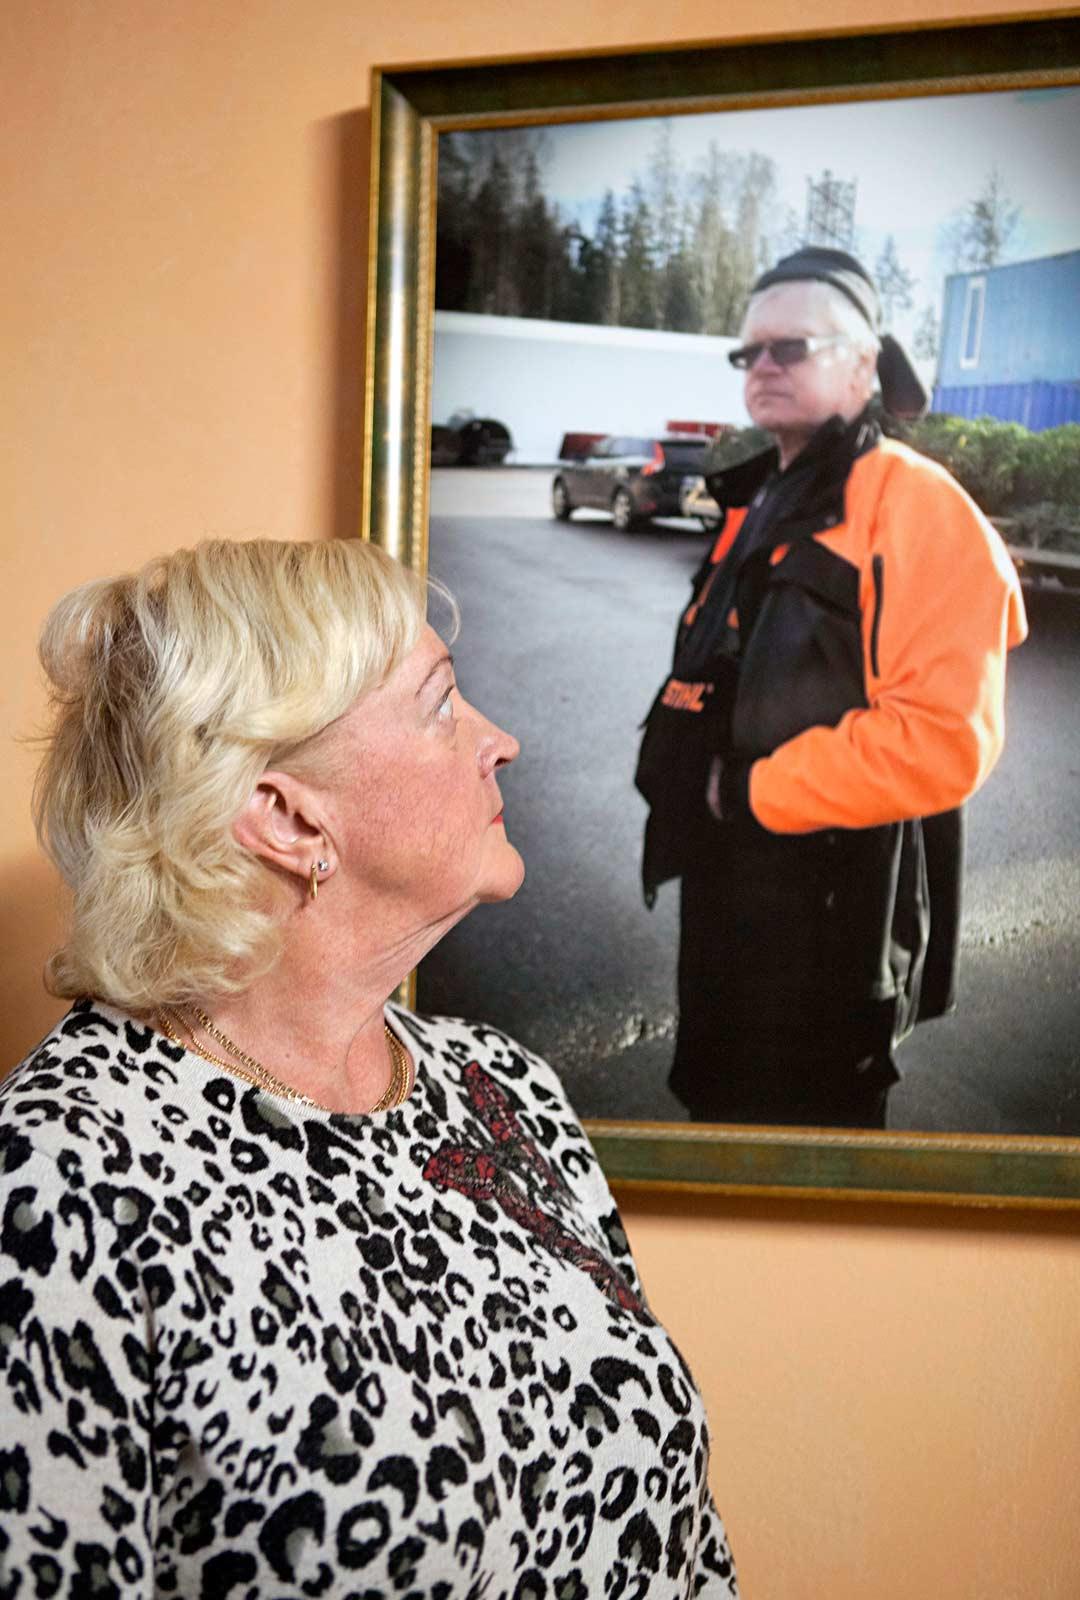 Vesa Karvosen edesmenneen Jukka-isän kuva koristaa remontoitavan talon seinää. Kuva tuo muistoja Irmeli Karvoselle.